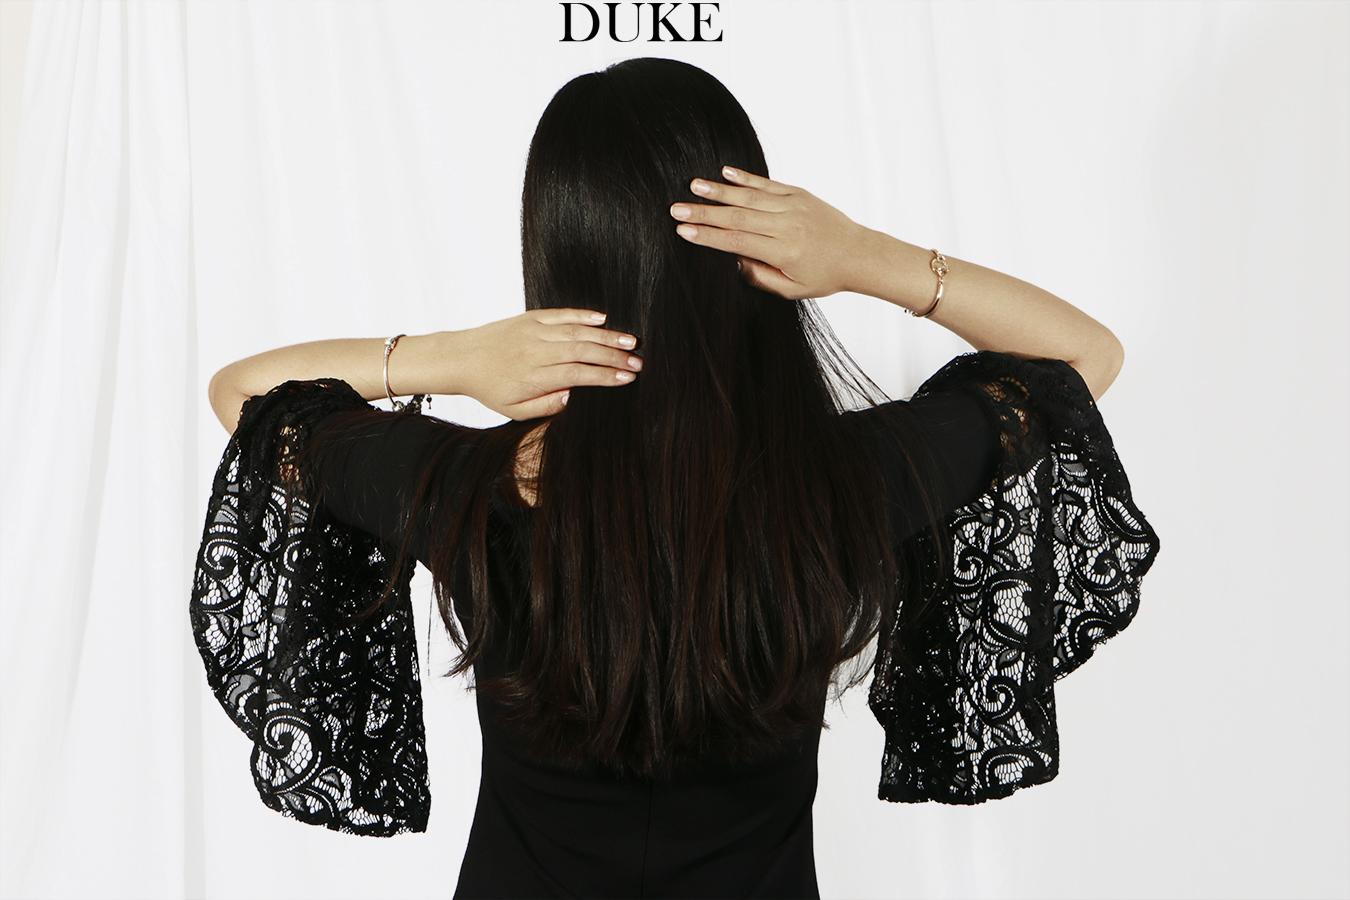 Xiaonan_Chen_fashion_photography_branding_bell_sleeves_DUKE 7